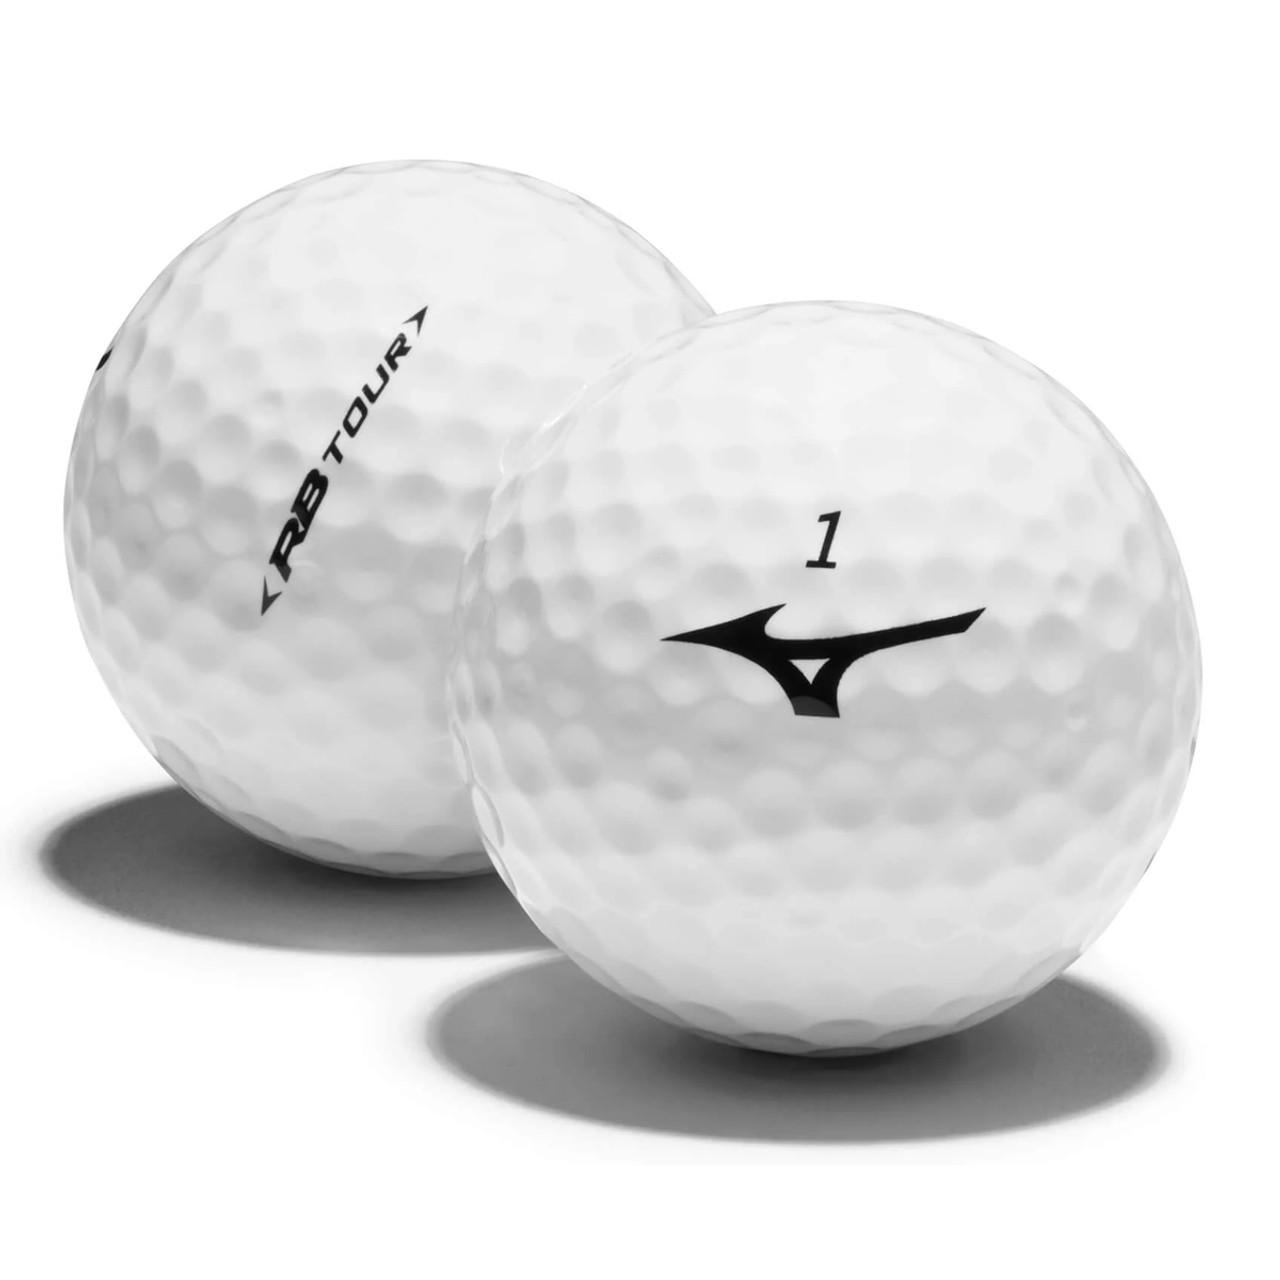 Mizuno RB Tour Dozen Golf Balls